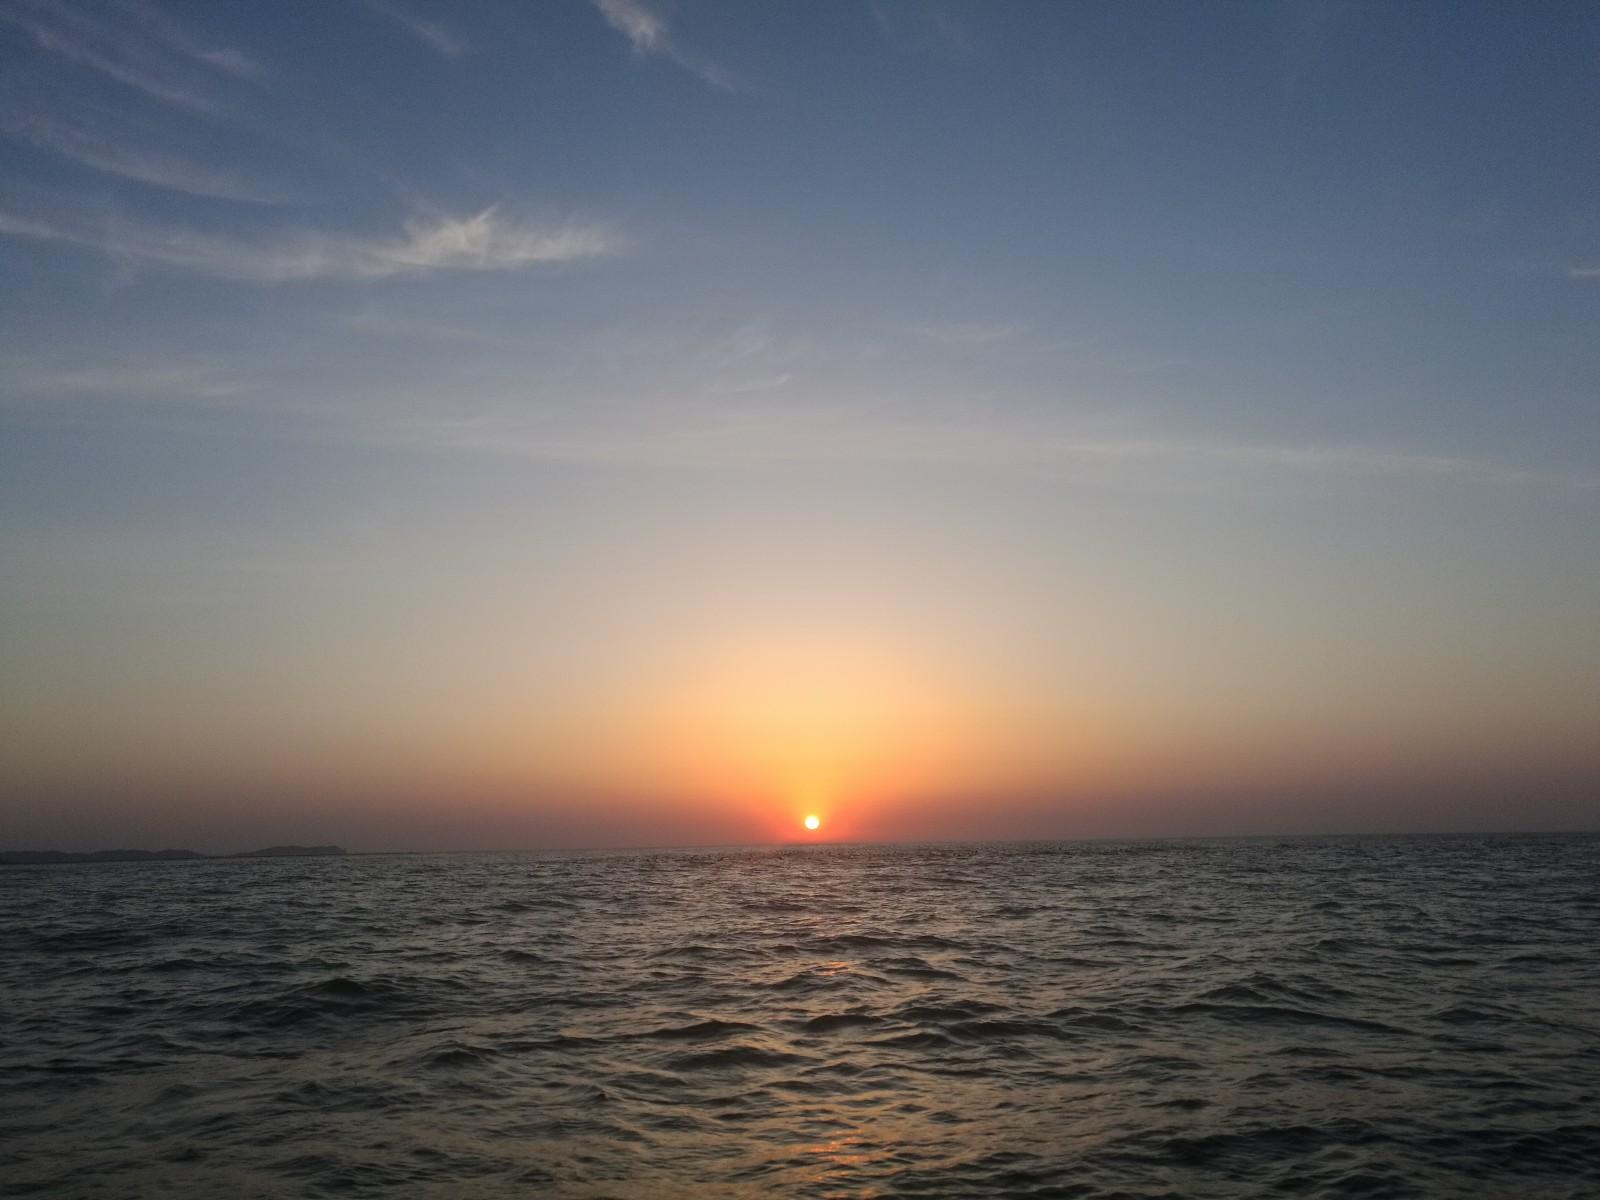 唐山,返航,航海,中篇,出处 我爱这被风带走不会再有的每一天 ,那只有我自己知道的快乐——唐山号返航记(下篇)  111606hg6pbakh